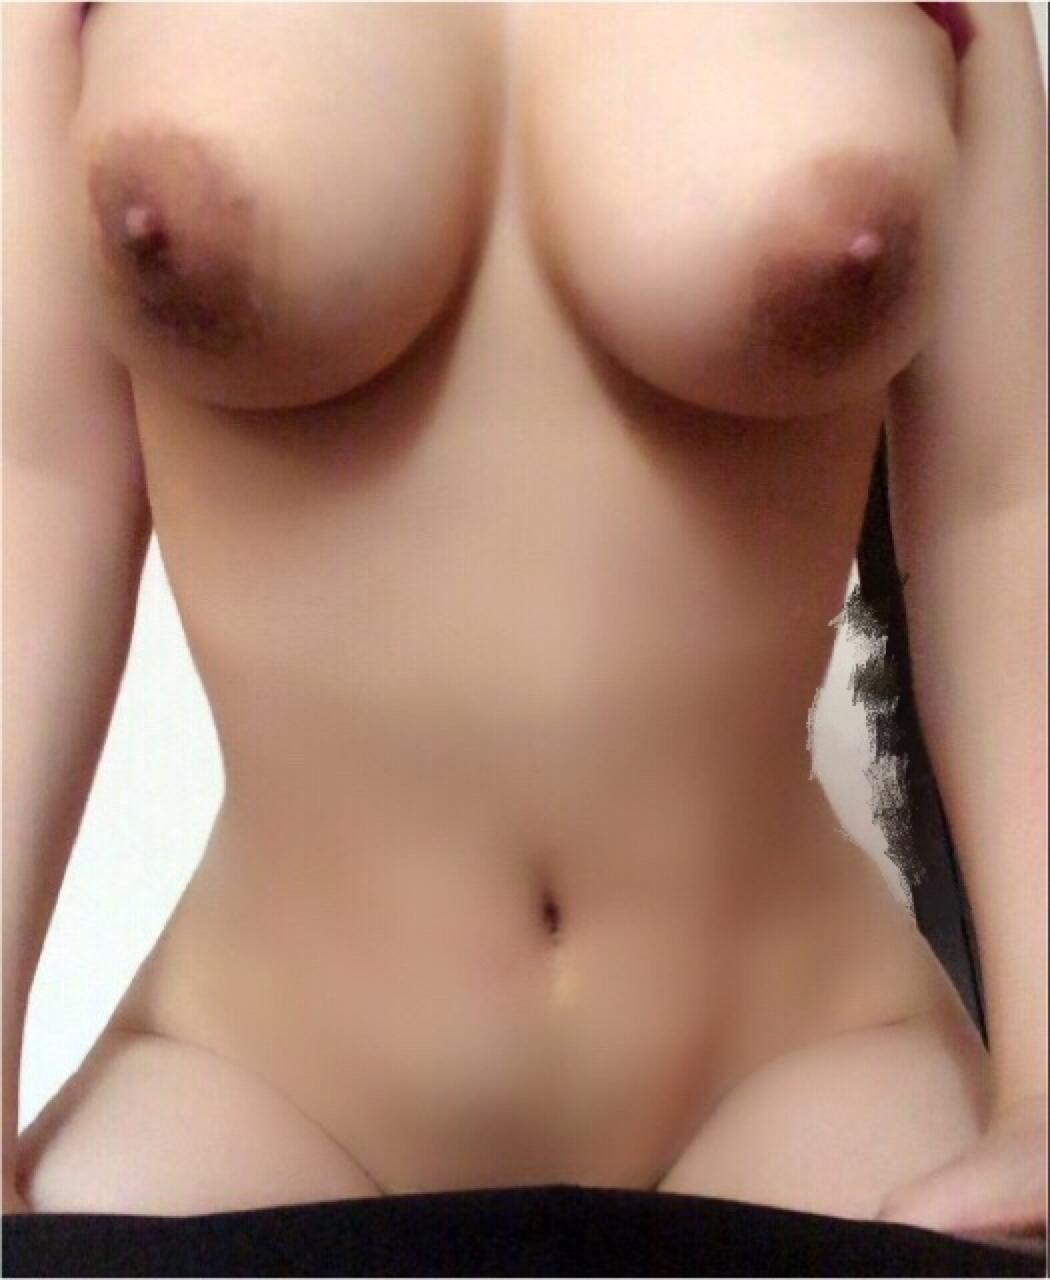 【自撮りエロ画像】大きい程に惹かれる…どこかに必ずいる巨乳女神達!(;゚Д゚)